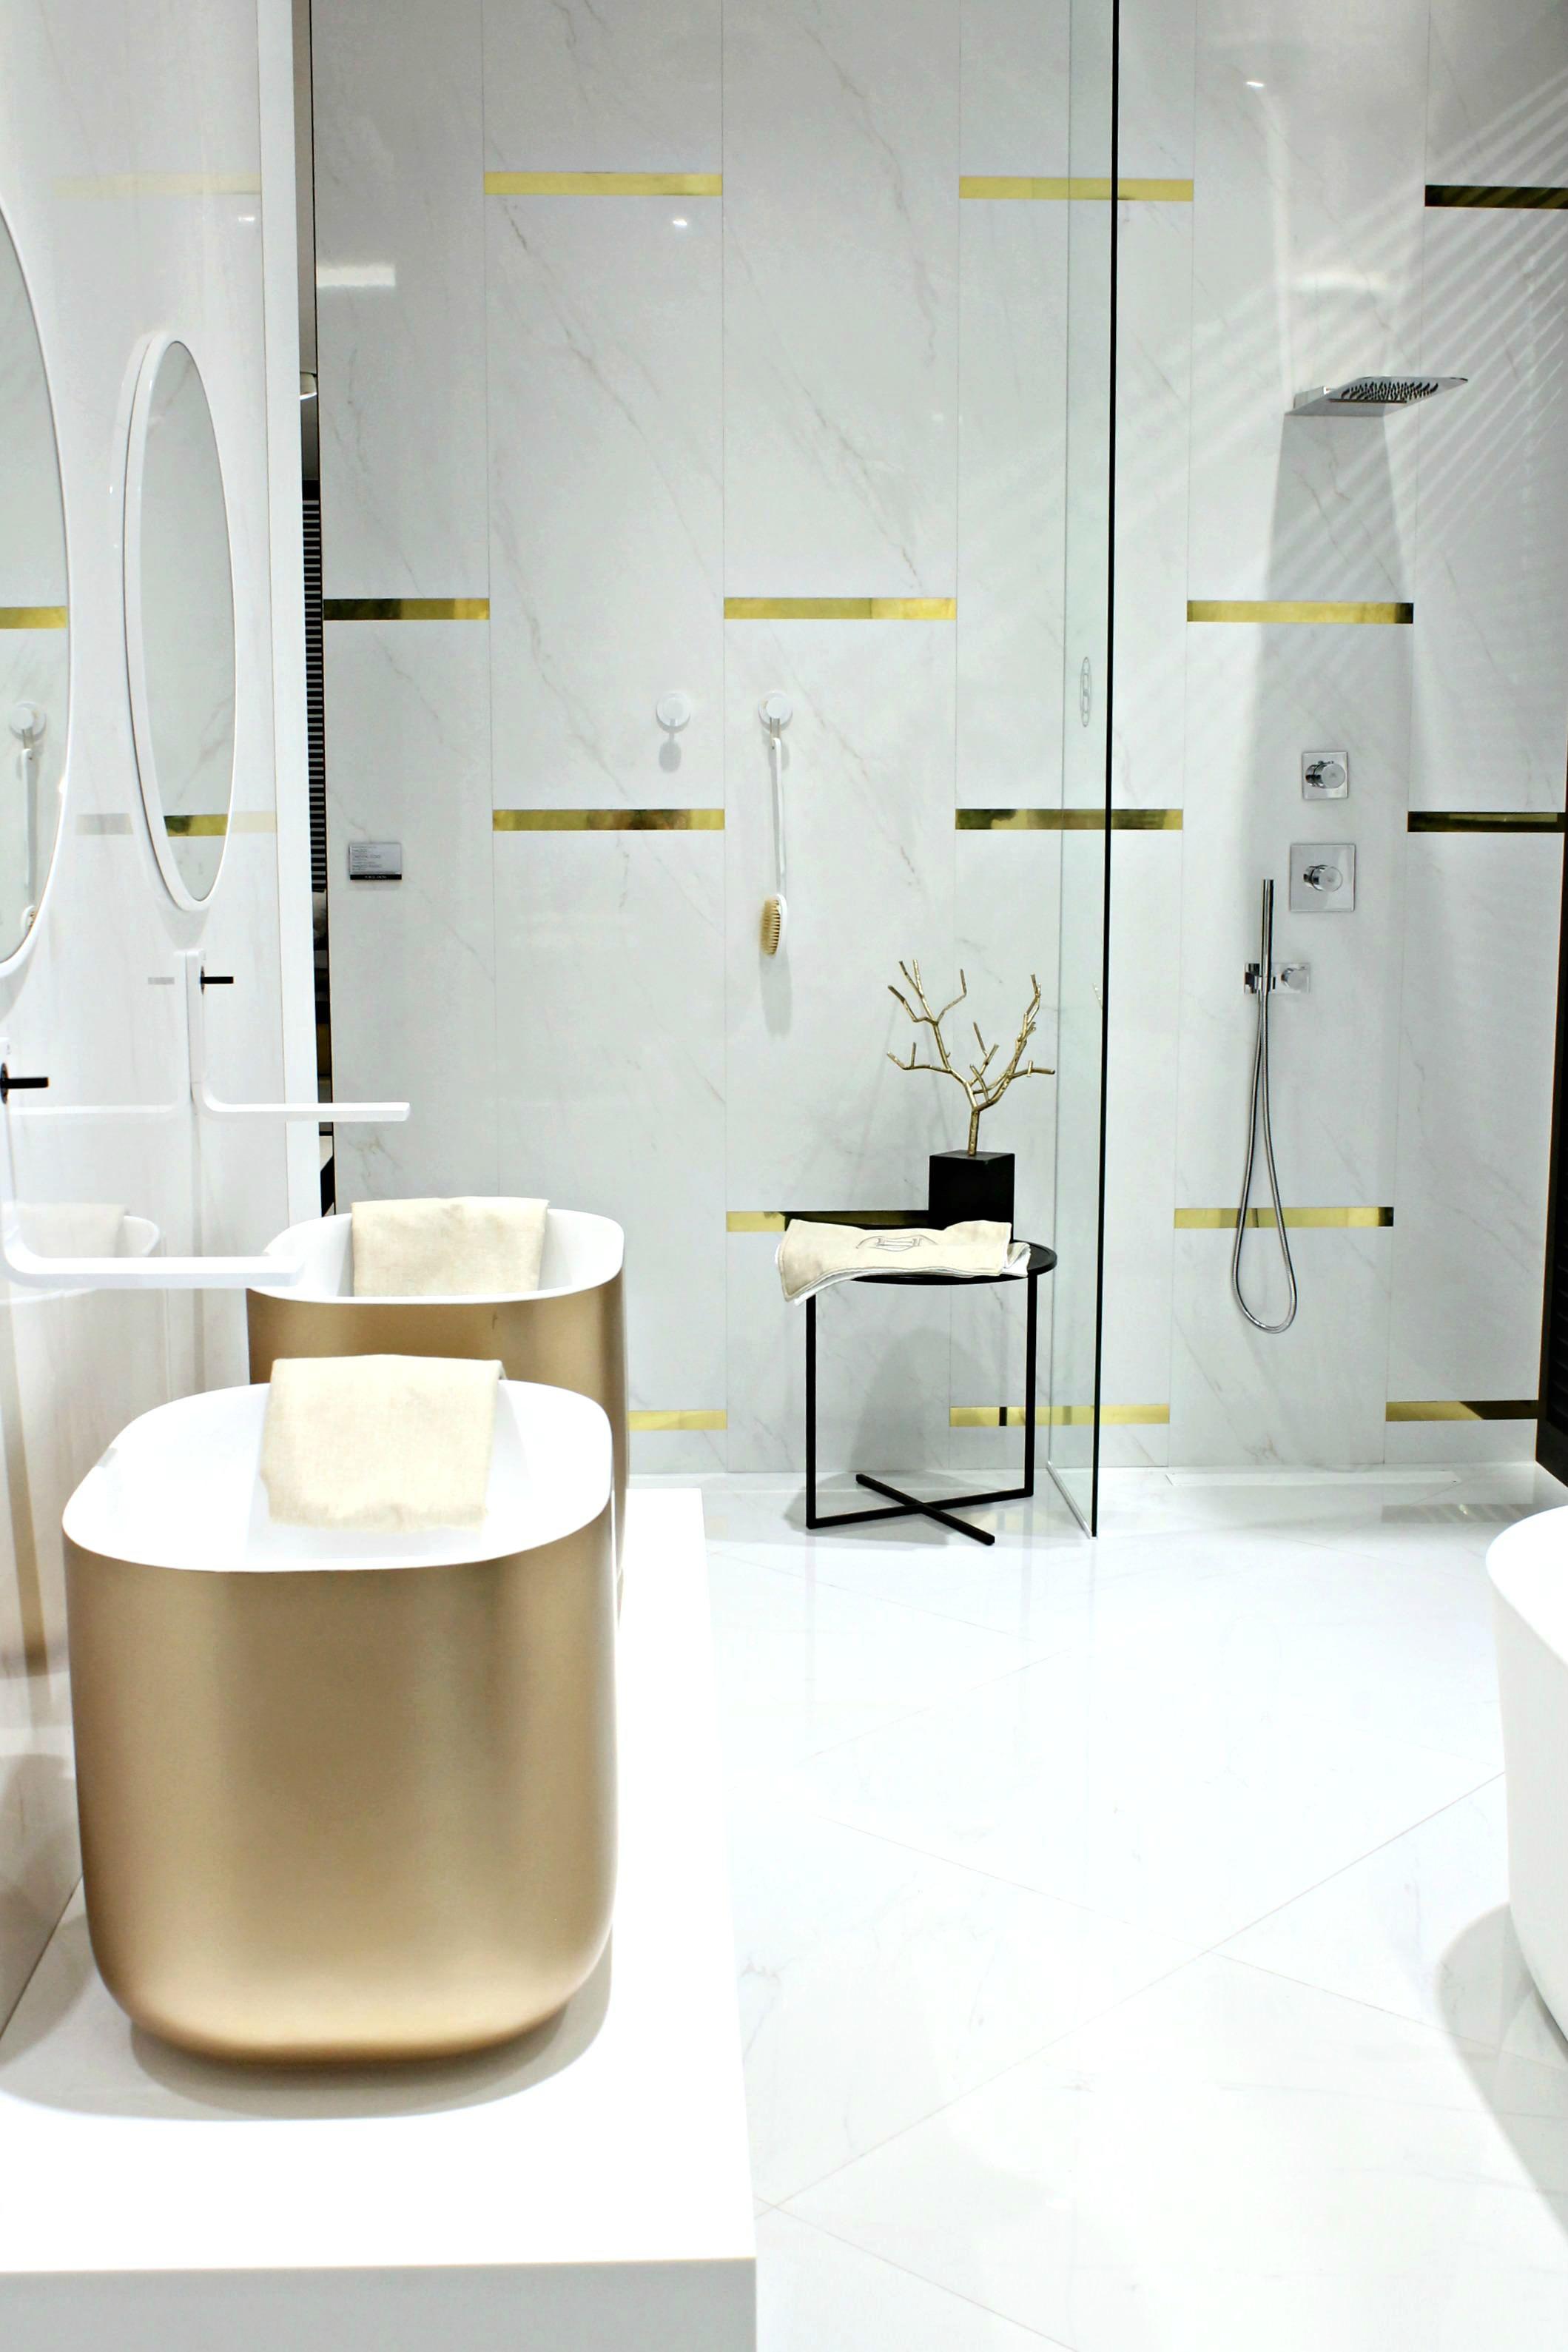 Shower Cabinets For Small Bathrooms In Little Rock Deebonk